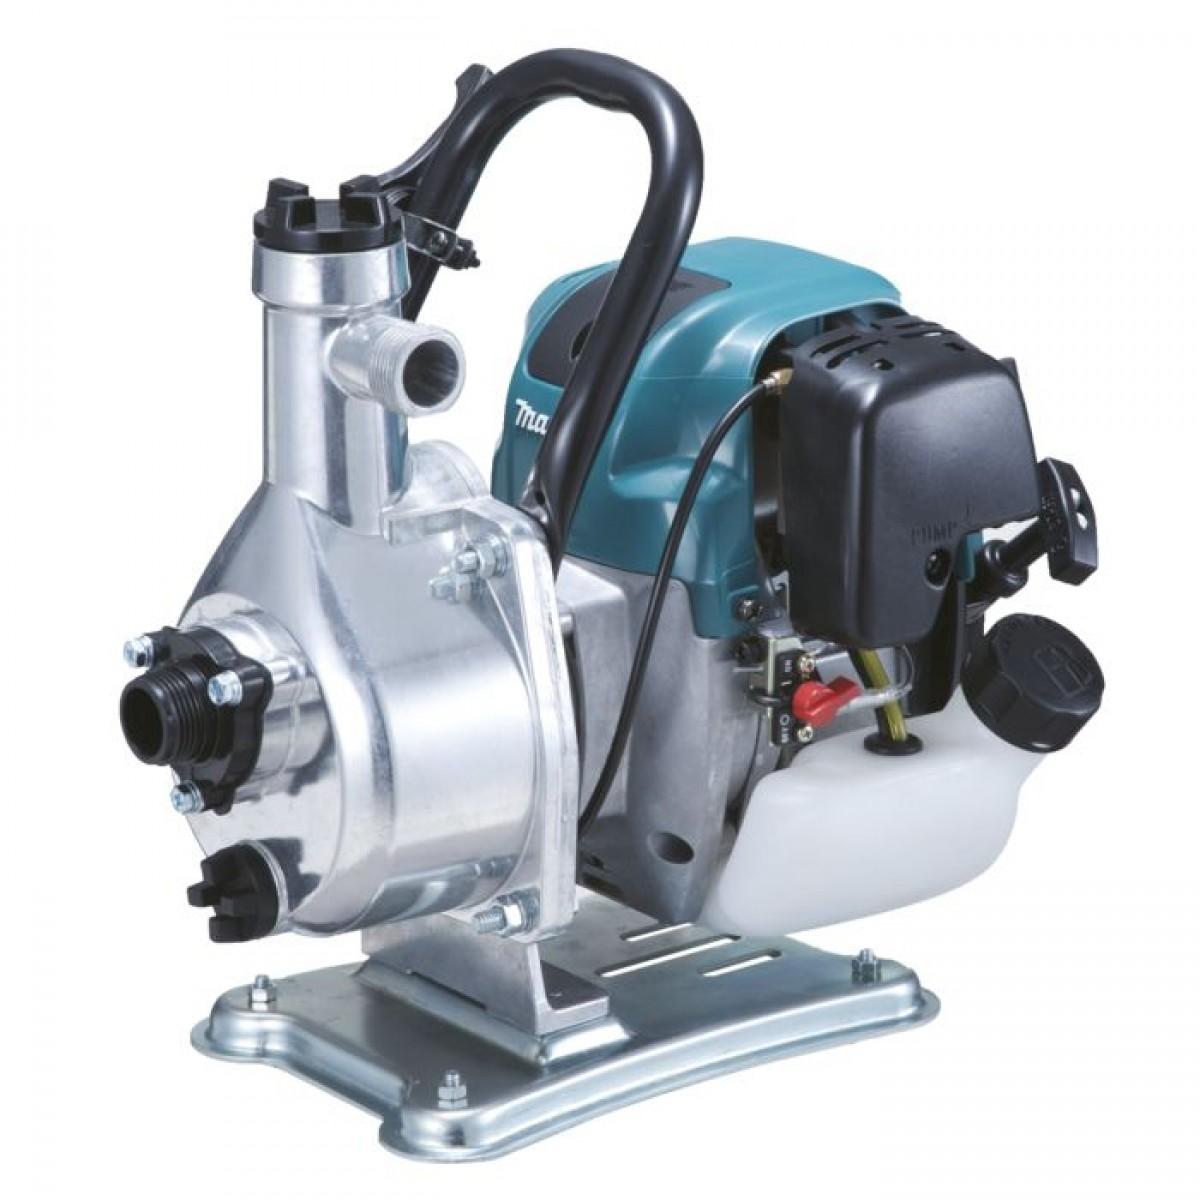 Мотопомпа Makita EW1060HXМотопомпы<br>Мотопомпа Makita EW1060HX - бензиновый самовсасывающий агрегат, используемый для перекачивания чистой воды с целью организации полива, орошения сада, либо опустошения бассейна. Укомплектован двигателем технологии MM4 с низким уровнем выхлопа. Пропускная способность - 130 литров жидкости в минуту. Наличие ручки облегчает переноску мотопомпы.<br><br>Тип: бензиновая